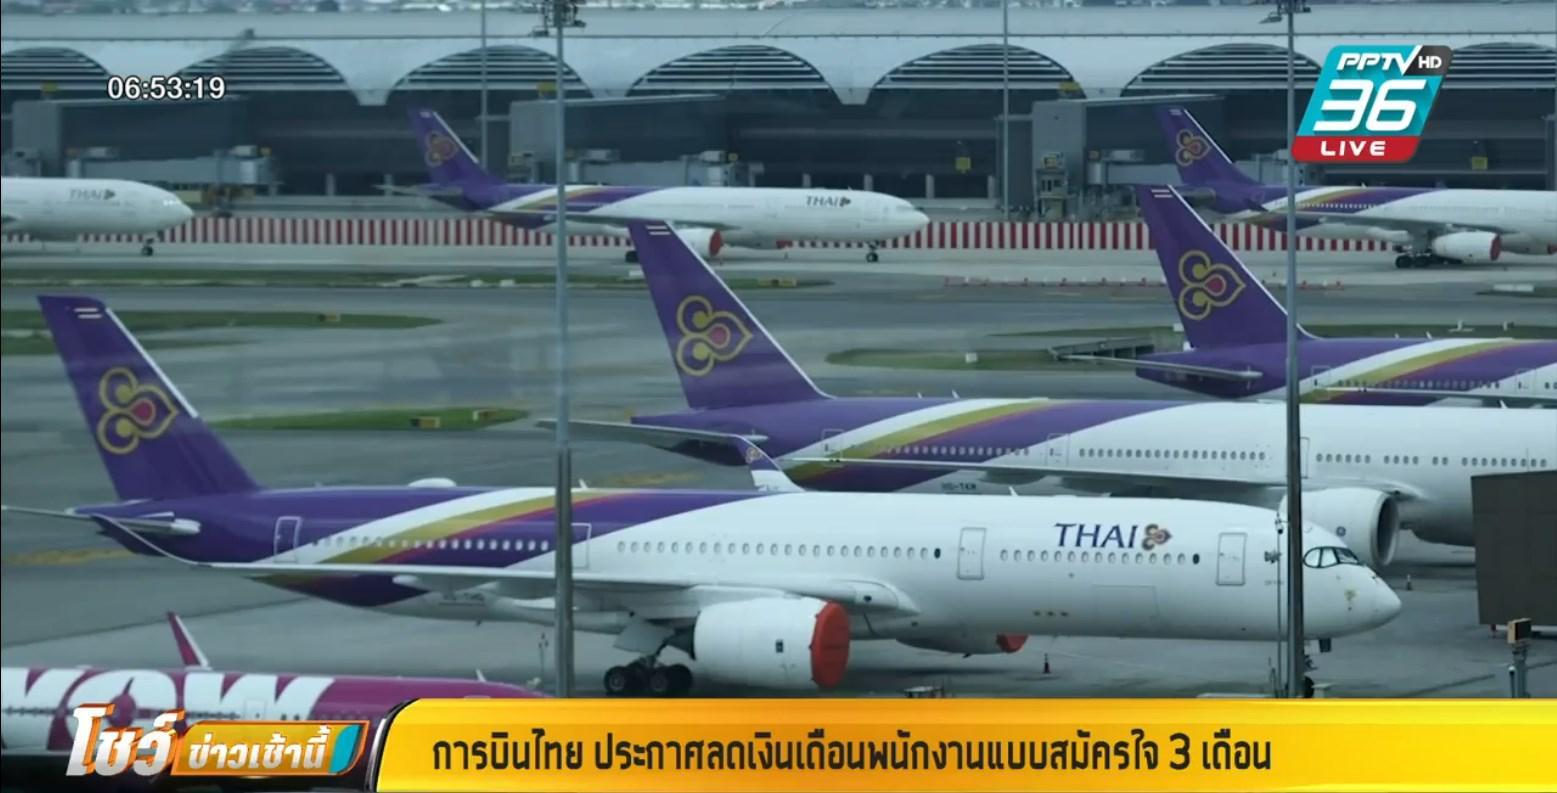 การบินไทย ประกาศ ลดเงินเดือนพนักงาน 3 เดือน แบบสมัครใจ